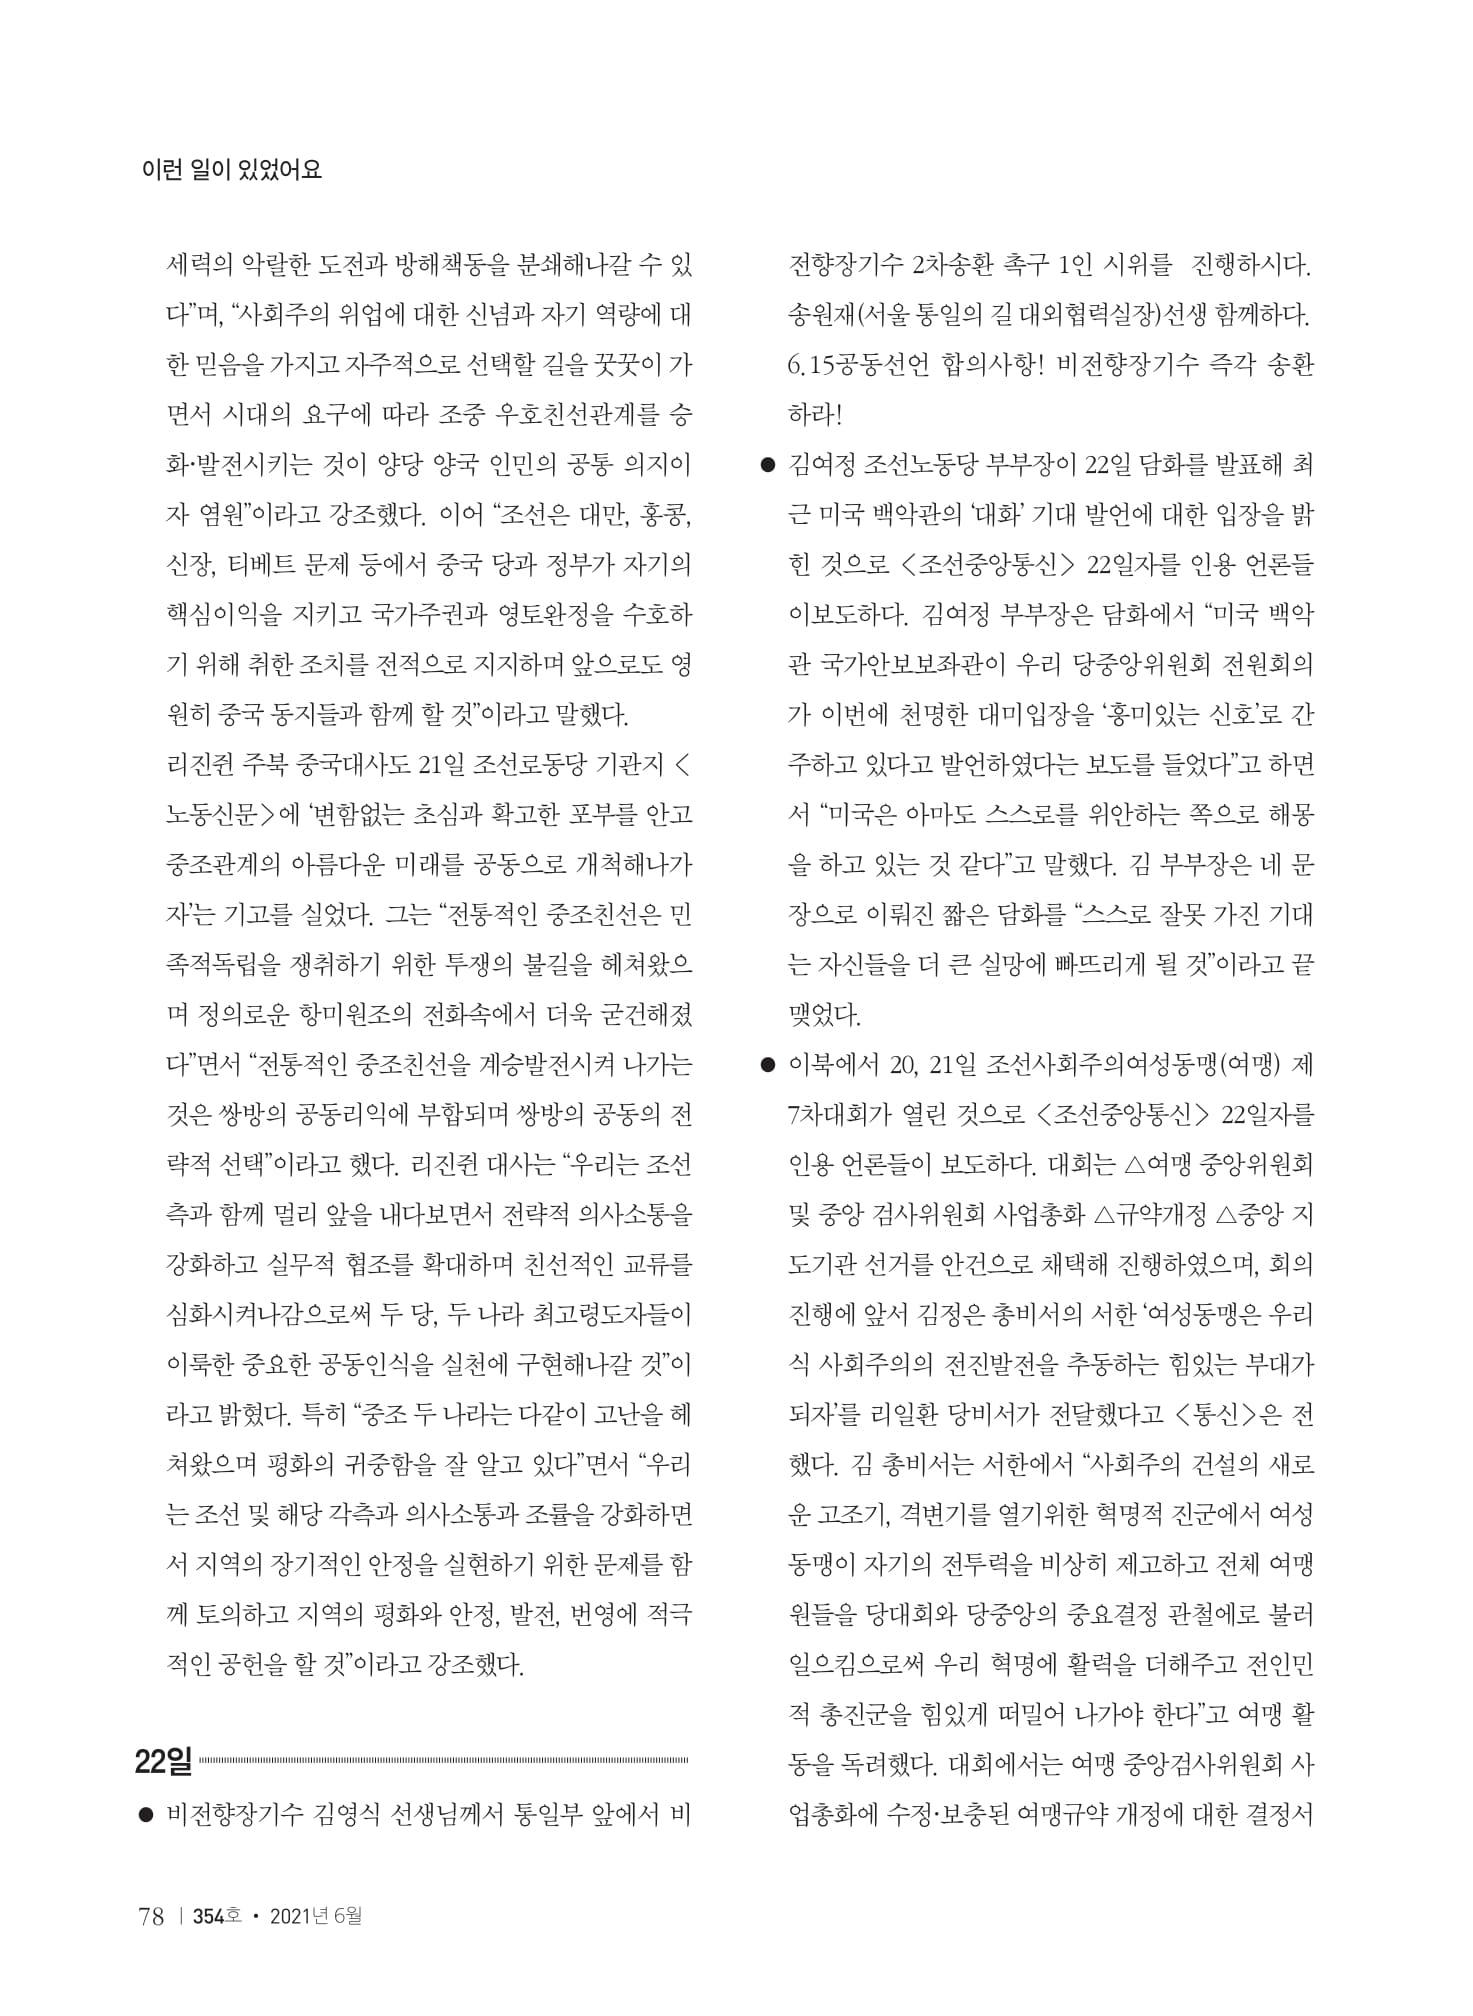 [양심수후원회] 소식지 354호 web 수정-80.jpg